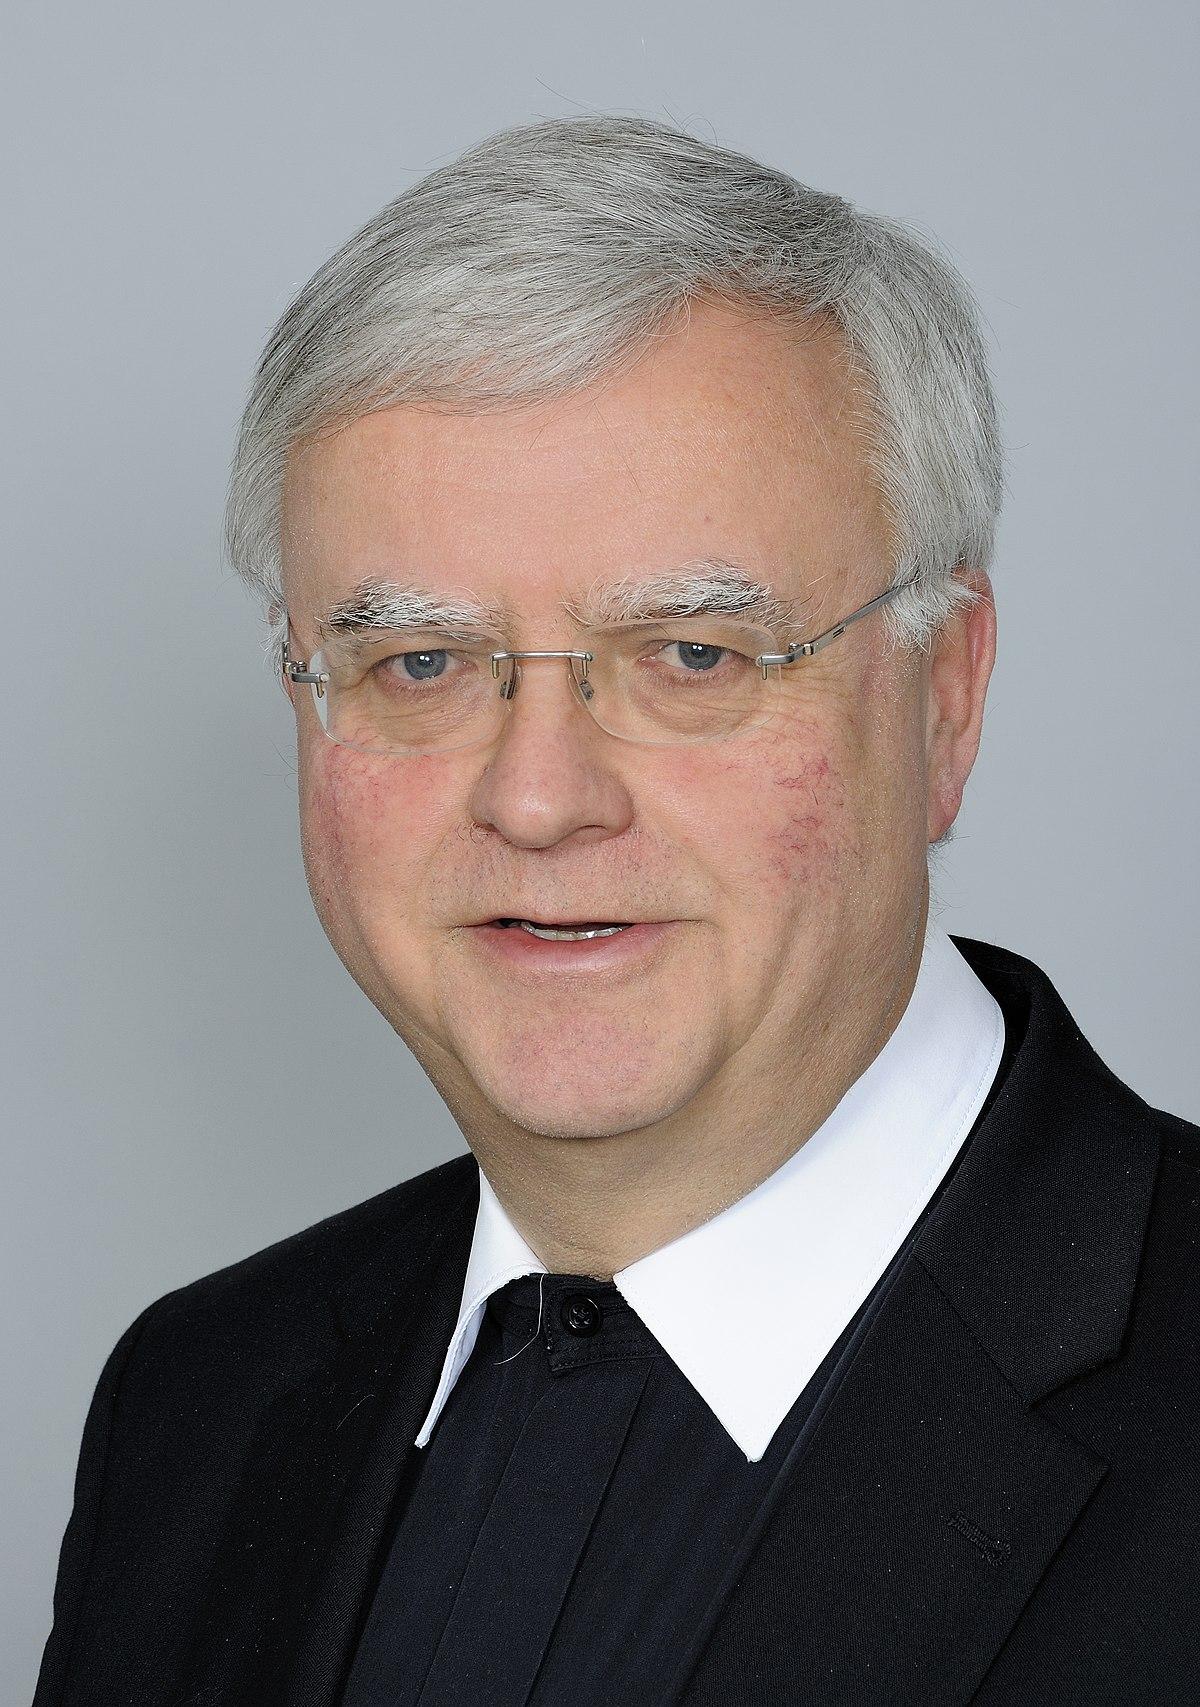 Heiner koch wikip dia for Koch wikipedia